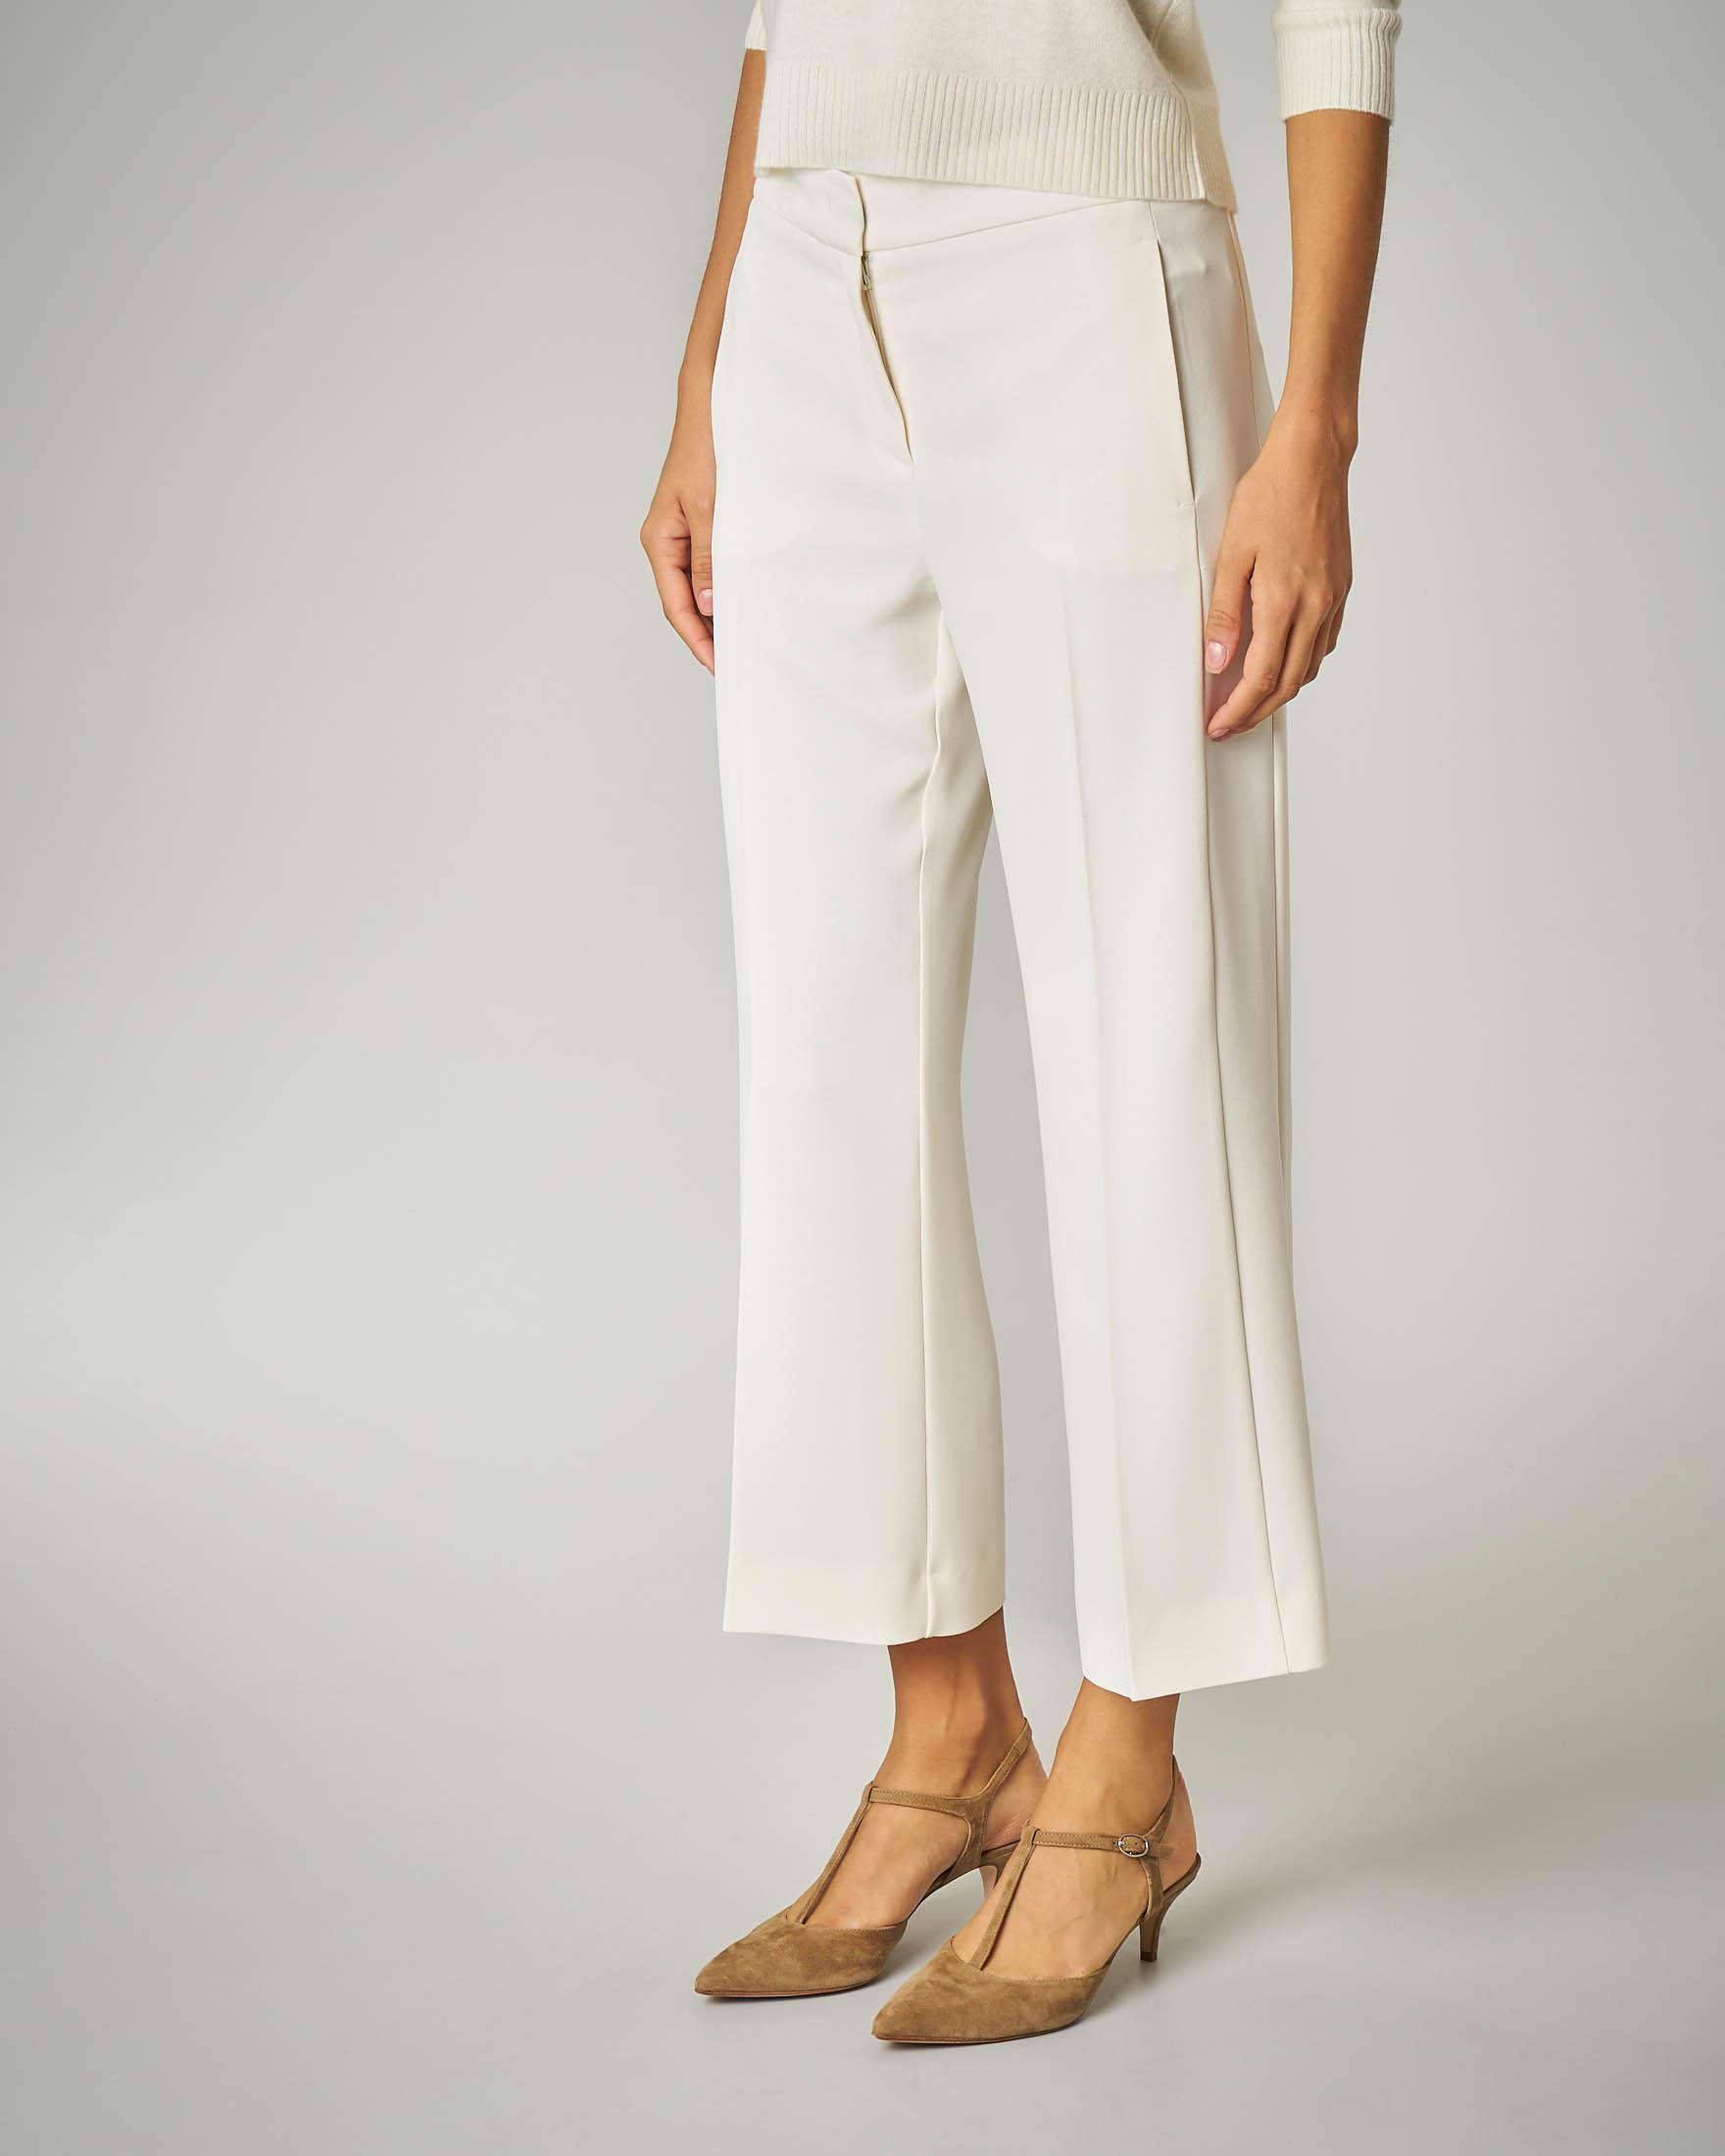 Pantalone bianco cropped.